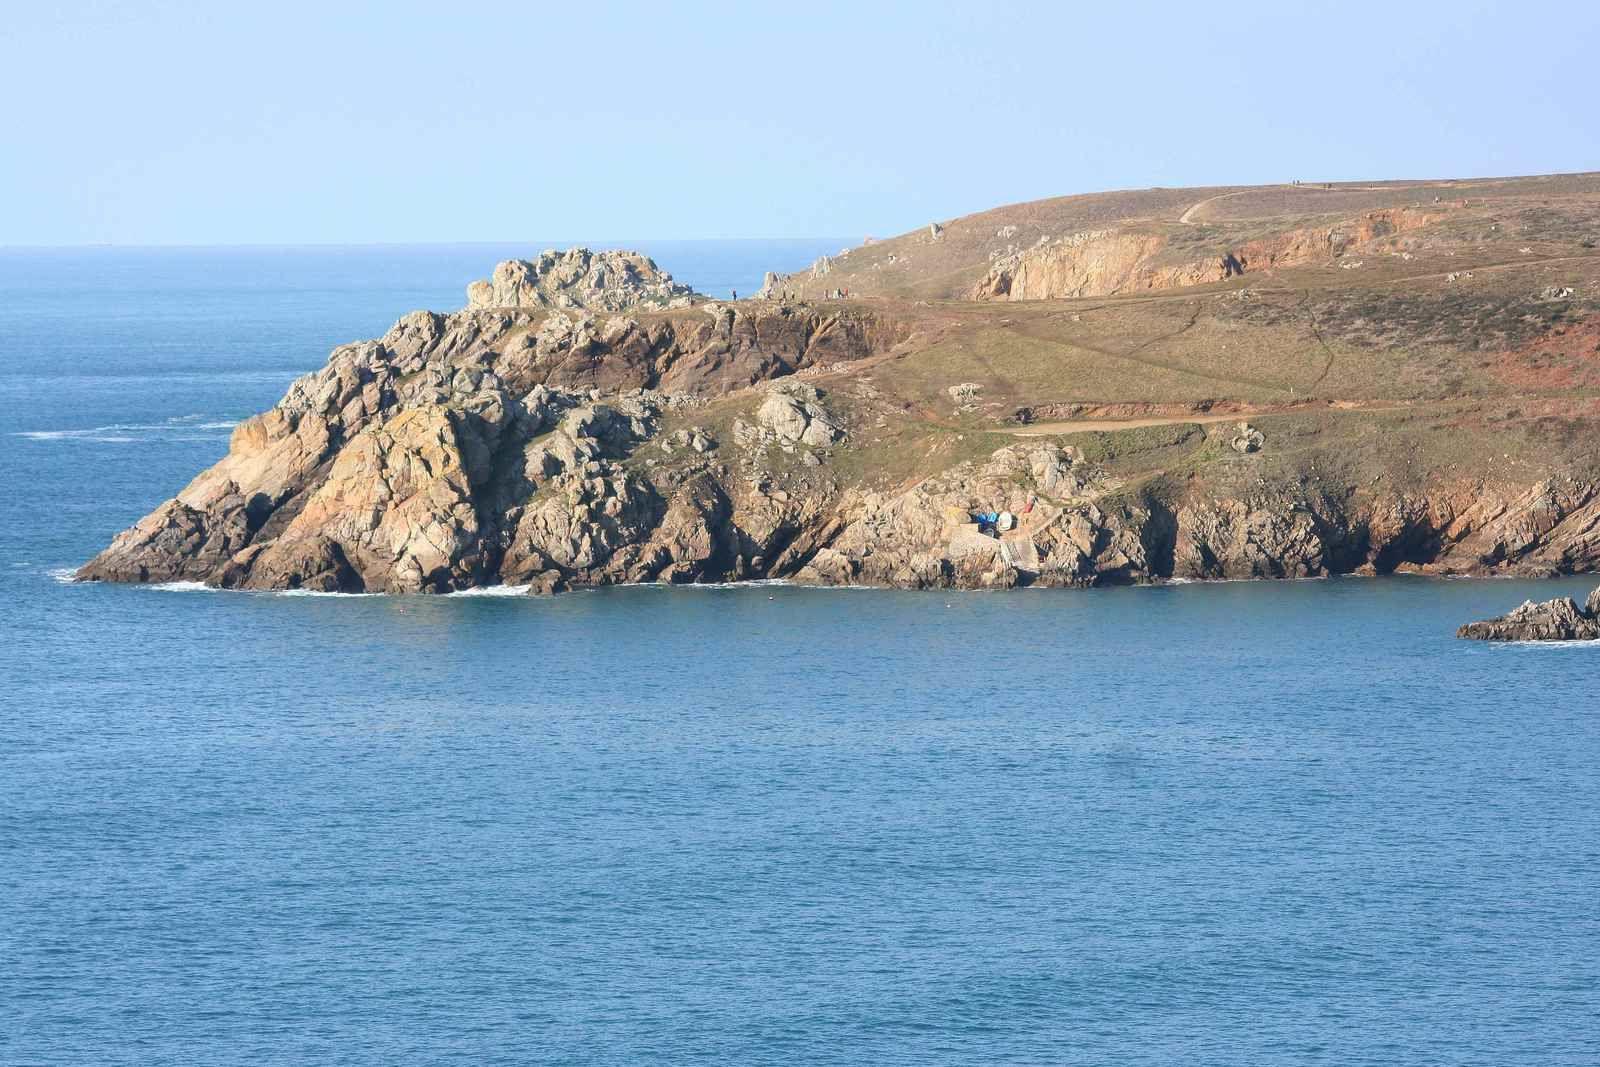 256 -  Baie des Trépassés, Pointe du Raz, sentier côtier GR 34, cale de Poul Mostrec, abri côtier du Cap Sizun, Finistère, Bretagne